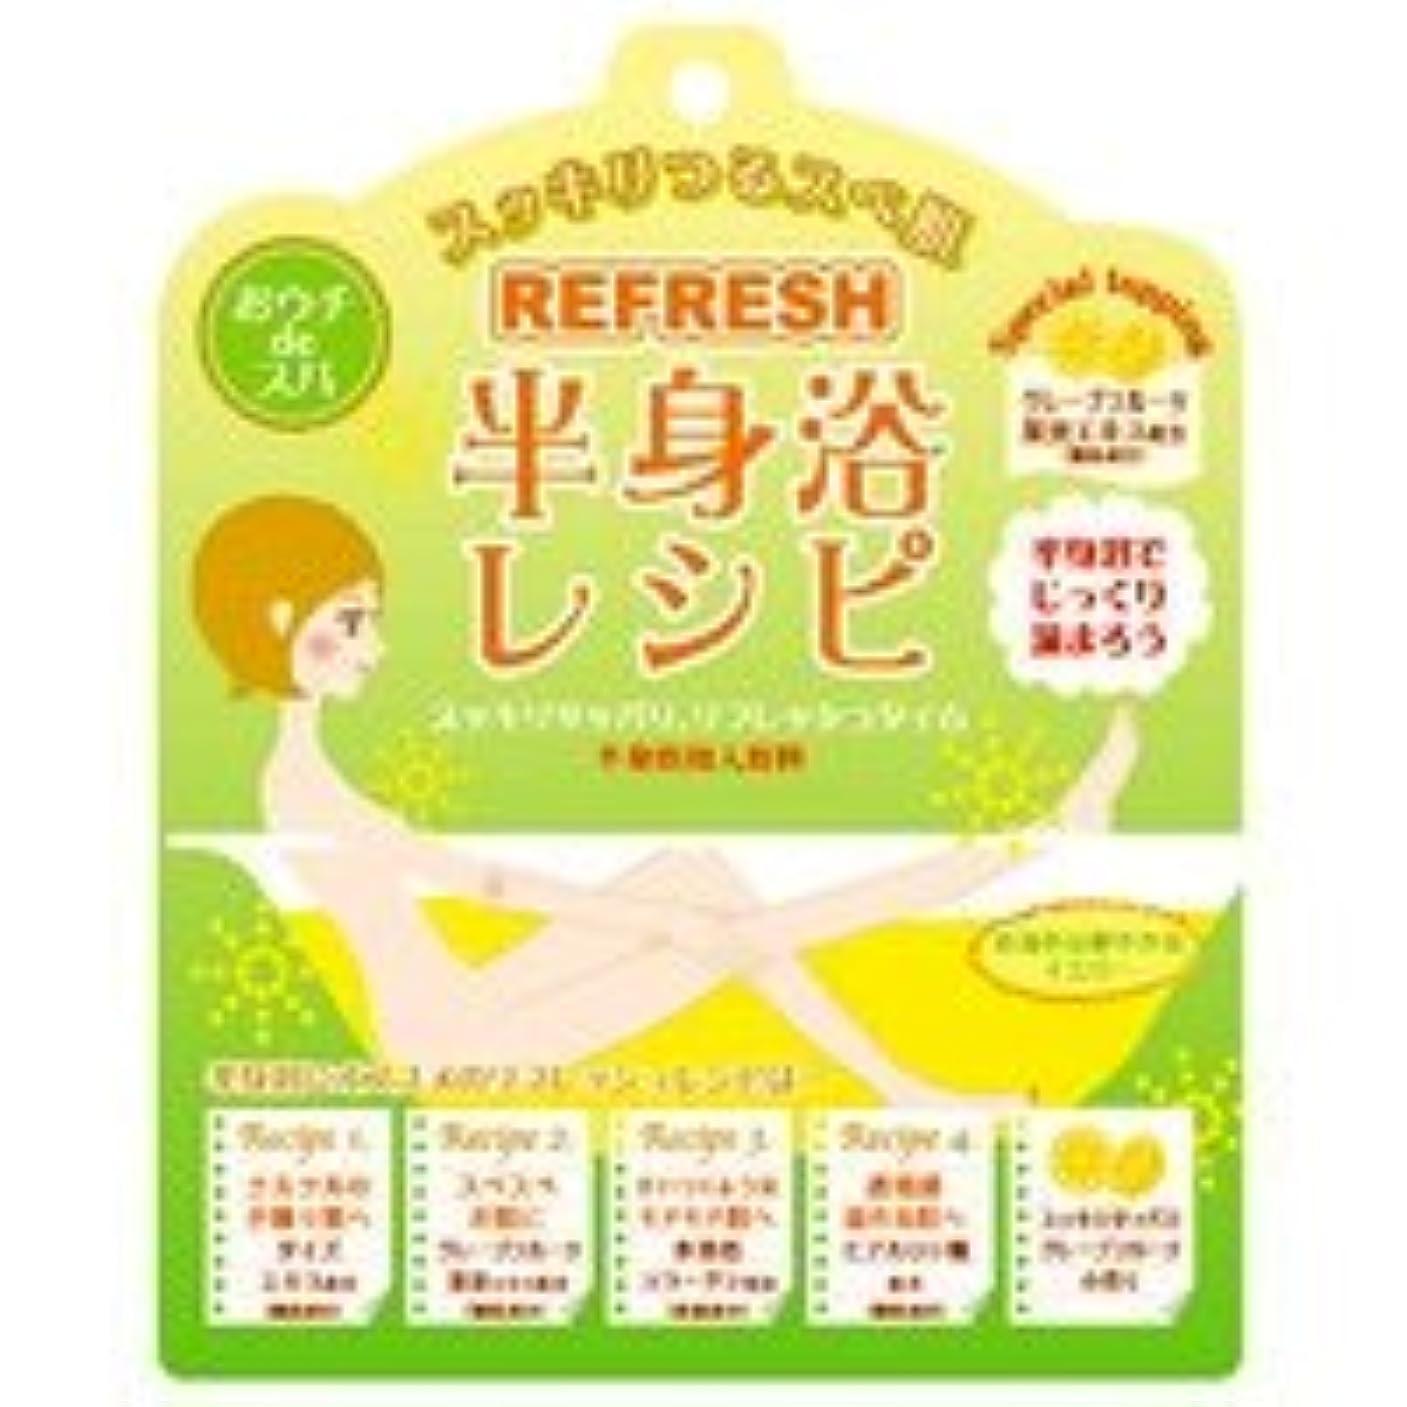 寝る企業アグネスグレイ半身浴レシピ「リフレッシュレシピ」10個セット クリアイエローのお湯 スッキリサッパリなグレープフルーツの香り